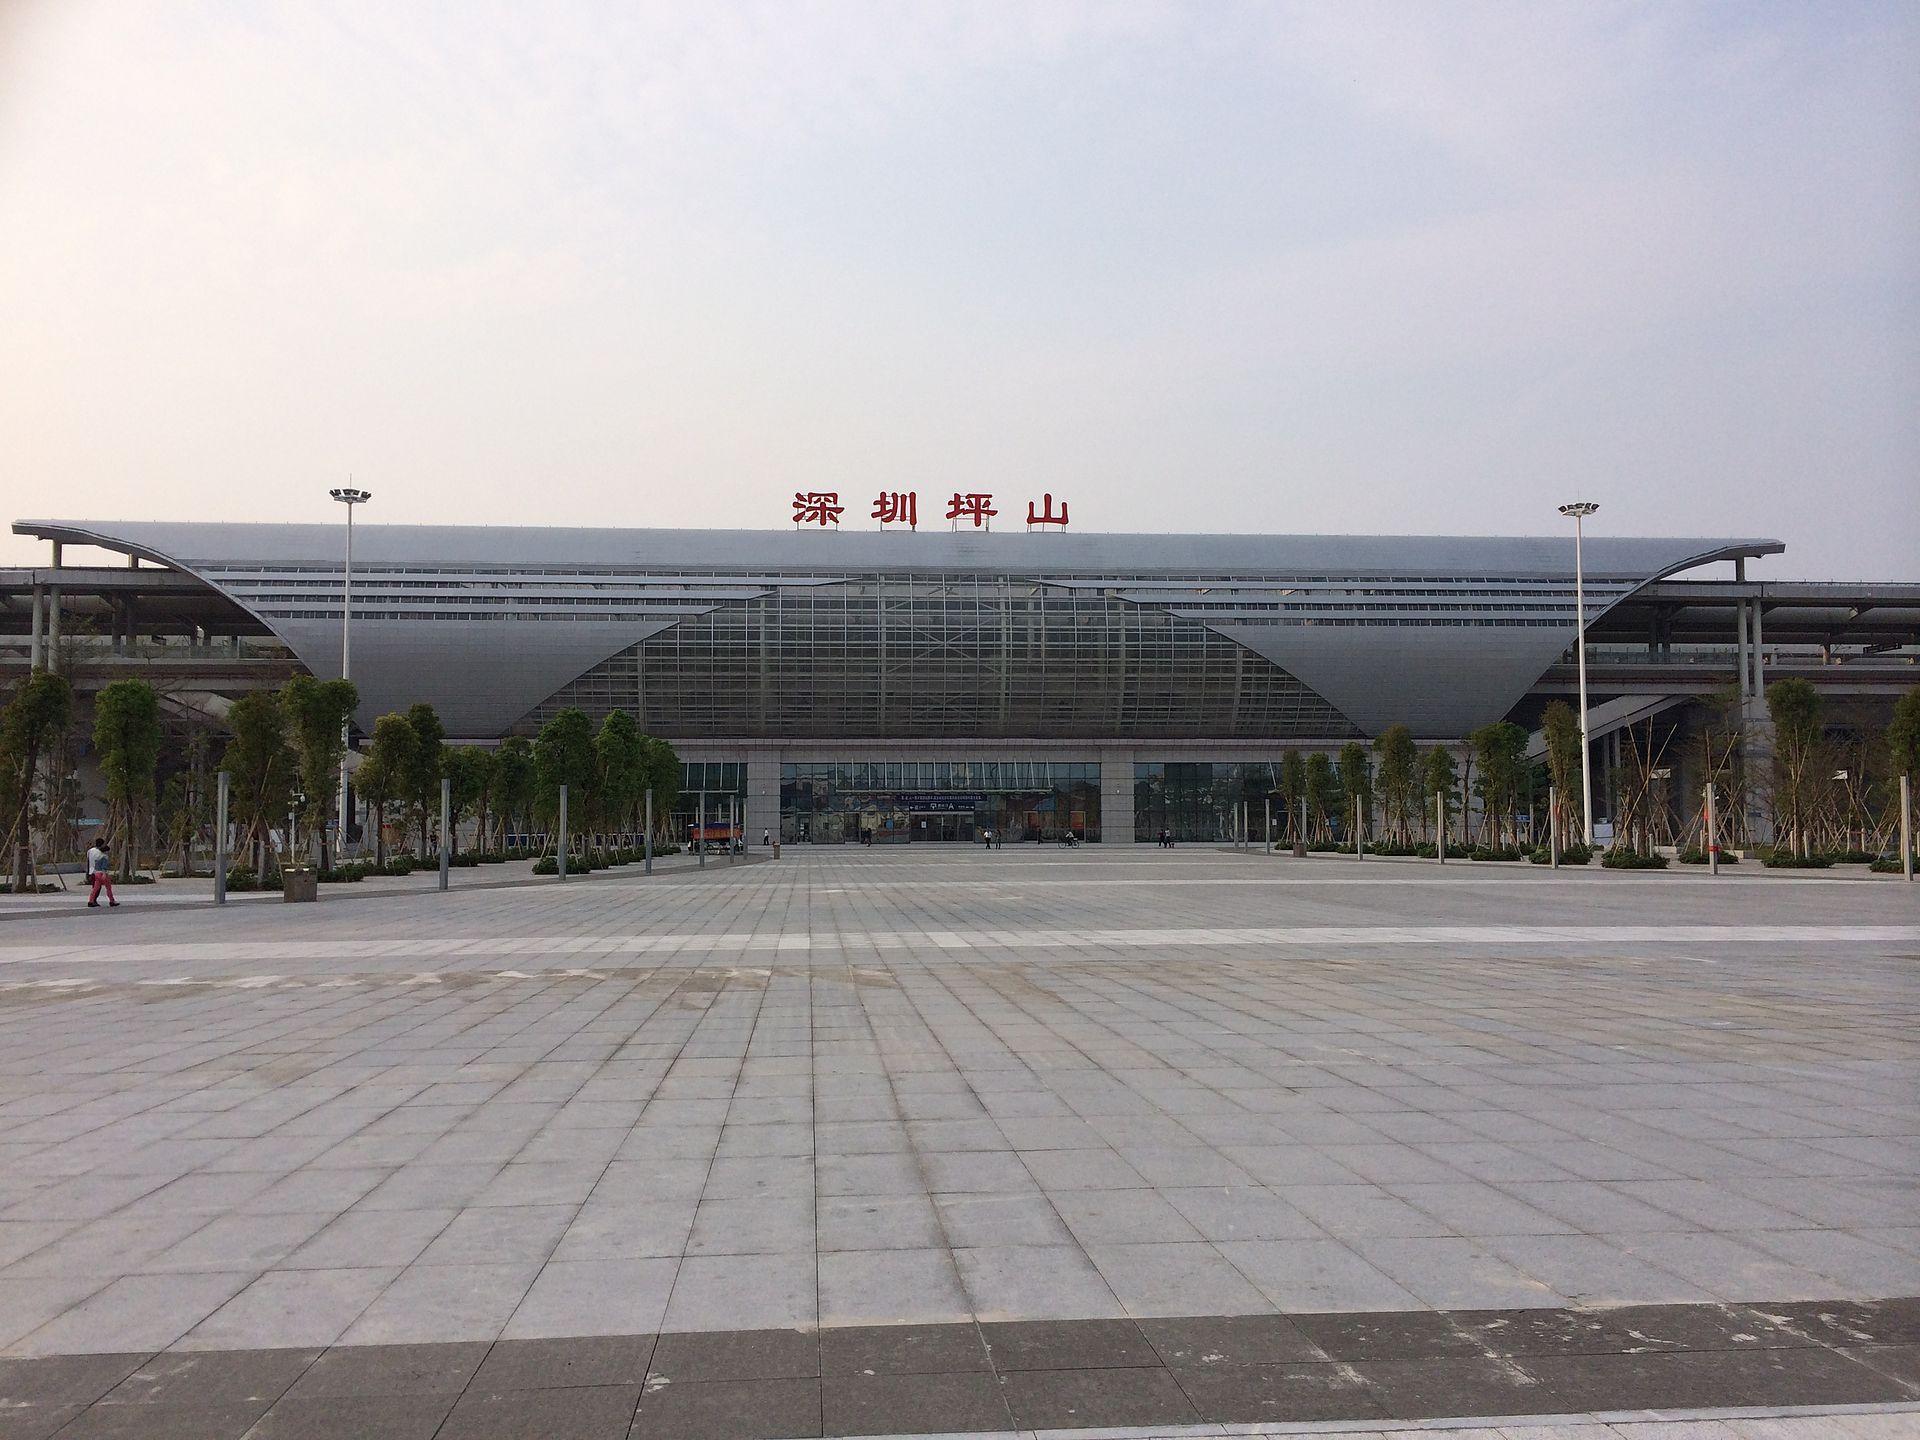 20路公交车_深圳坪山站 - 维基百科,自由的百科全书